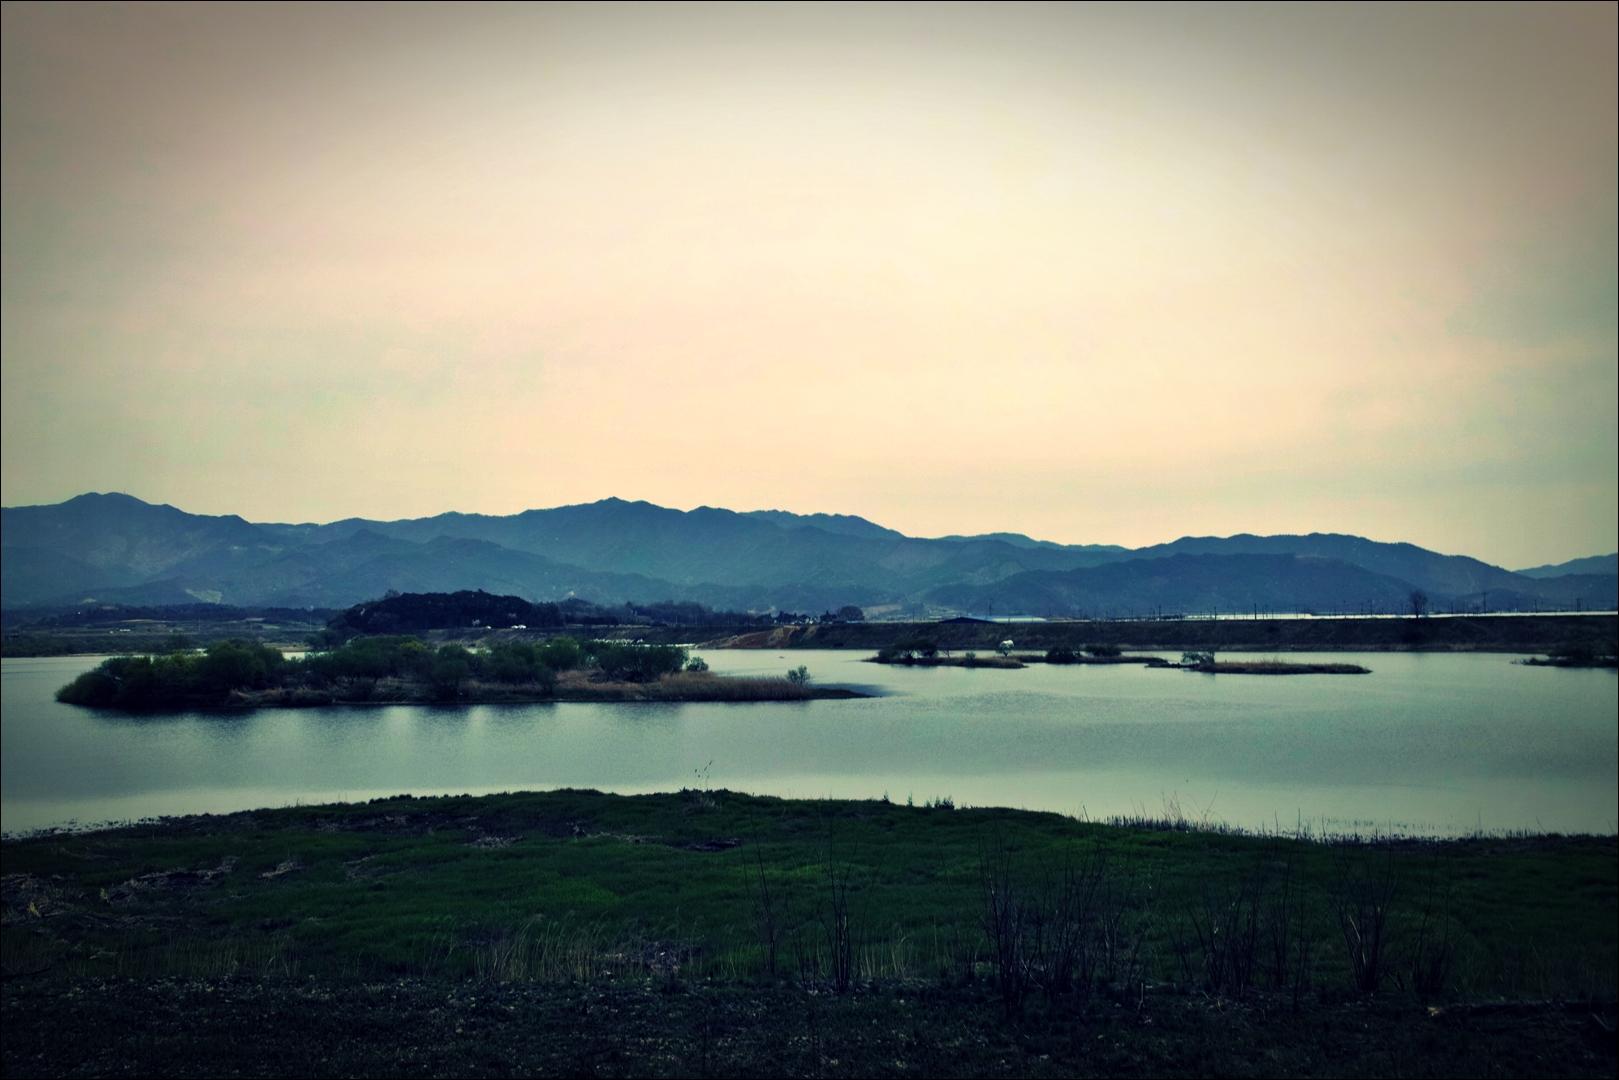 섬진강-'섬진강 자전거 여행'